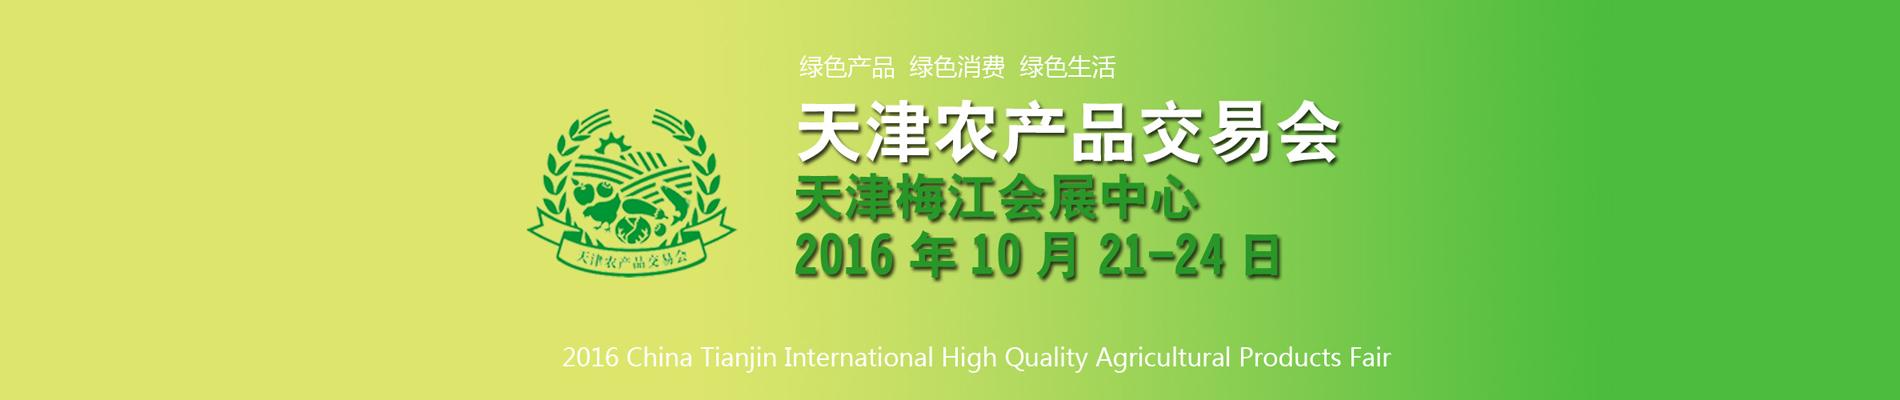 天津农产品交易会